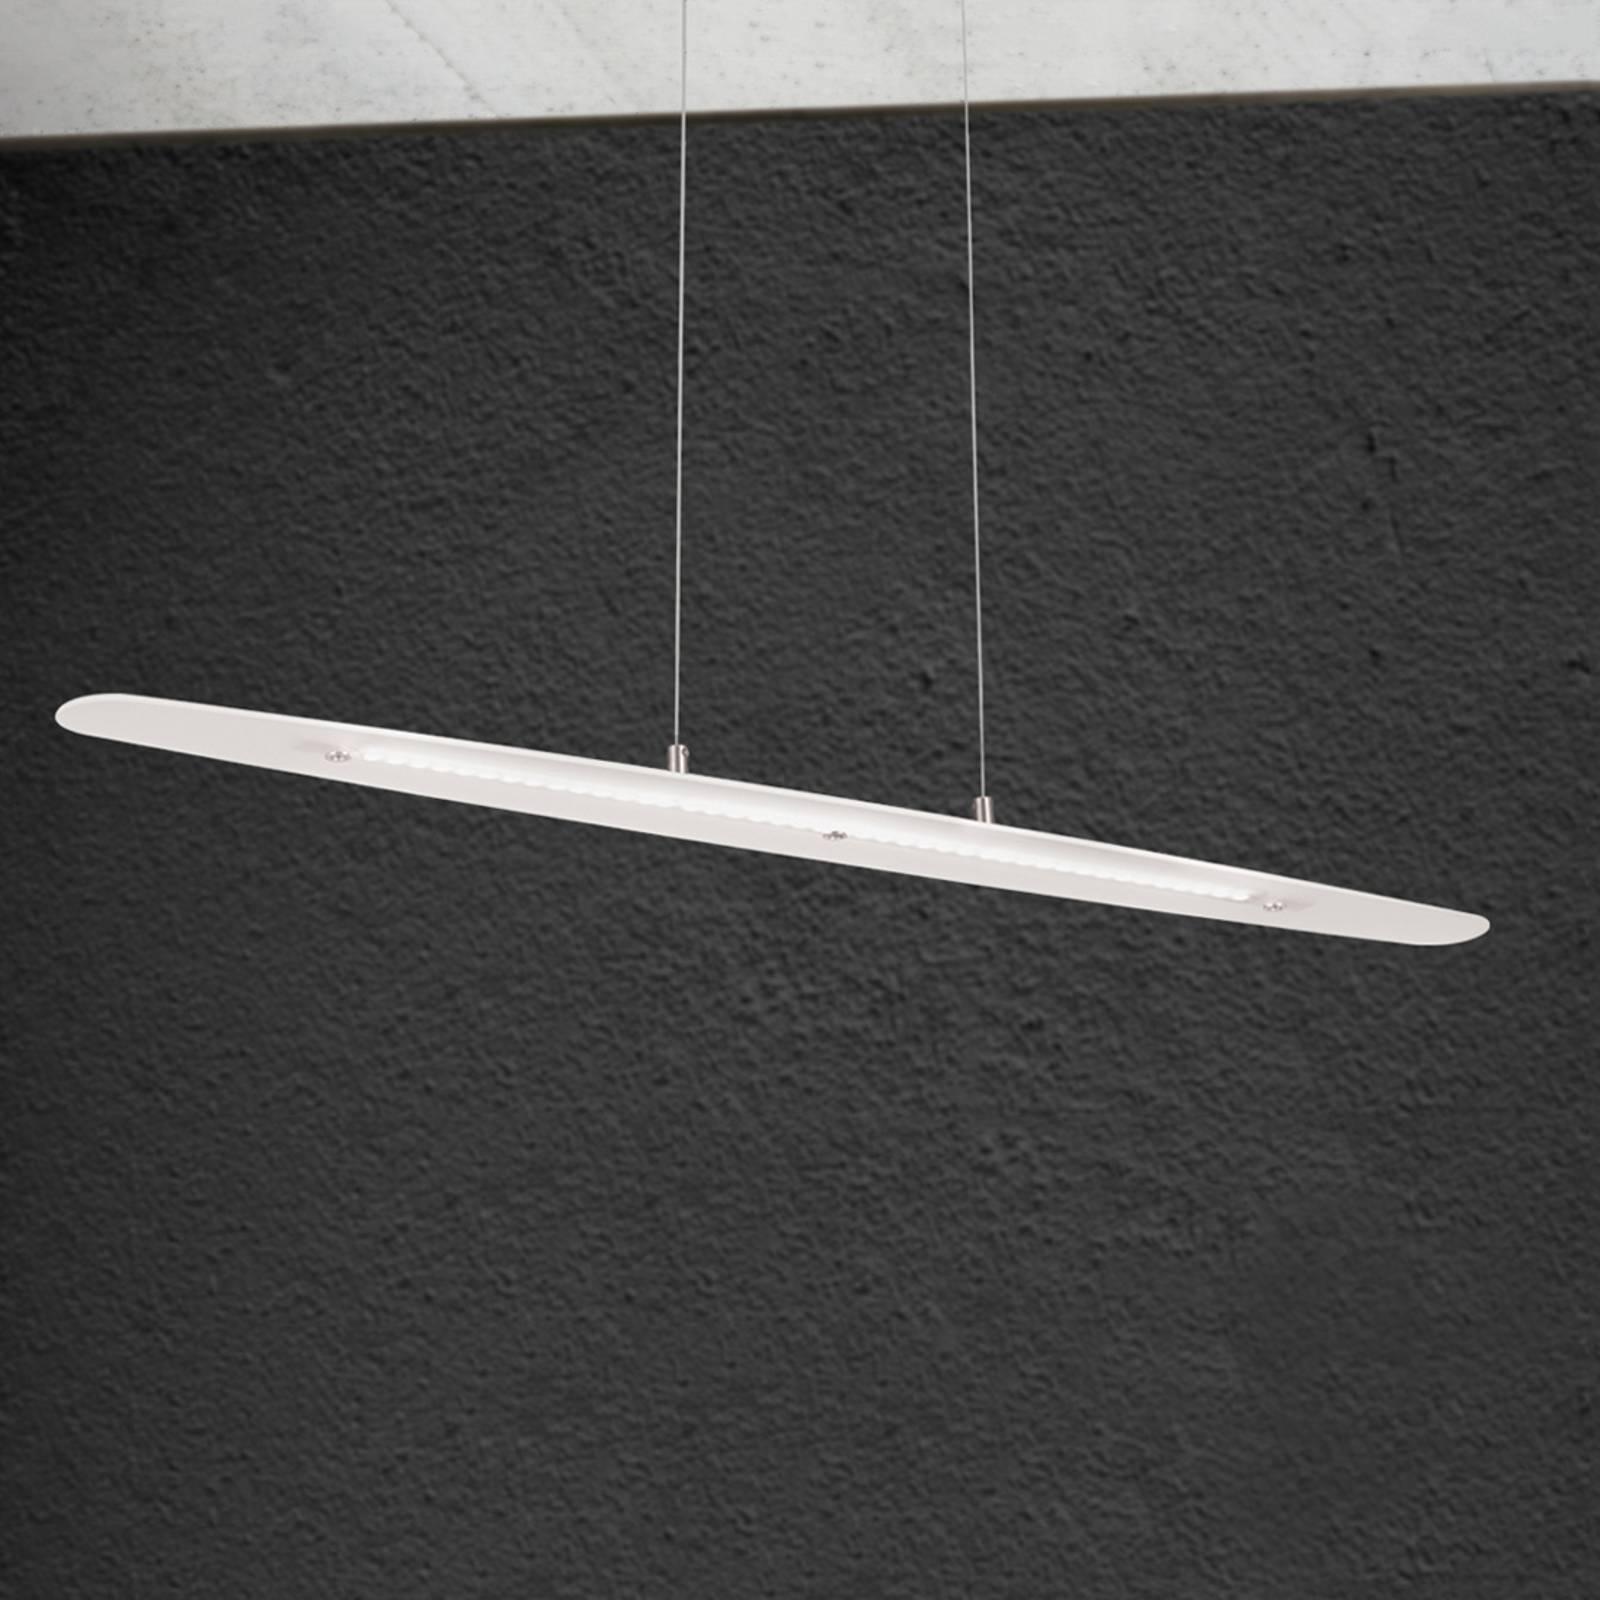 Längliche LED-Hängeleuchte Sabira